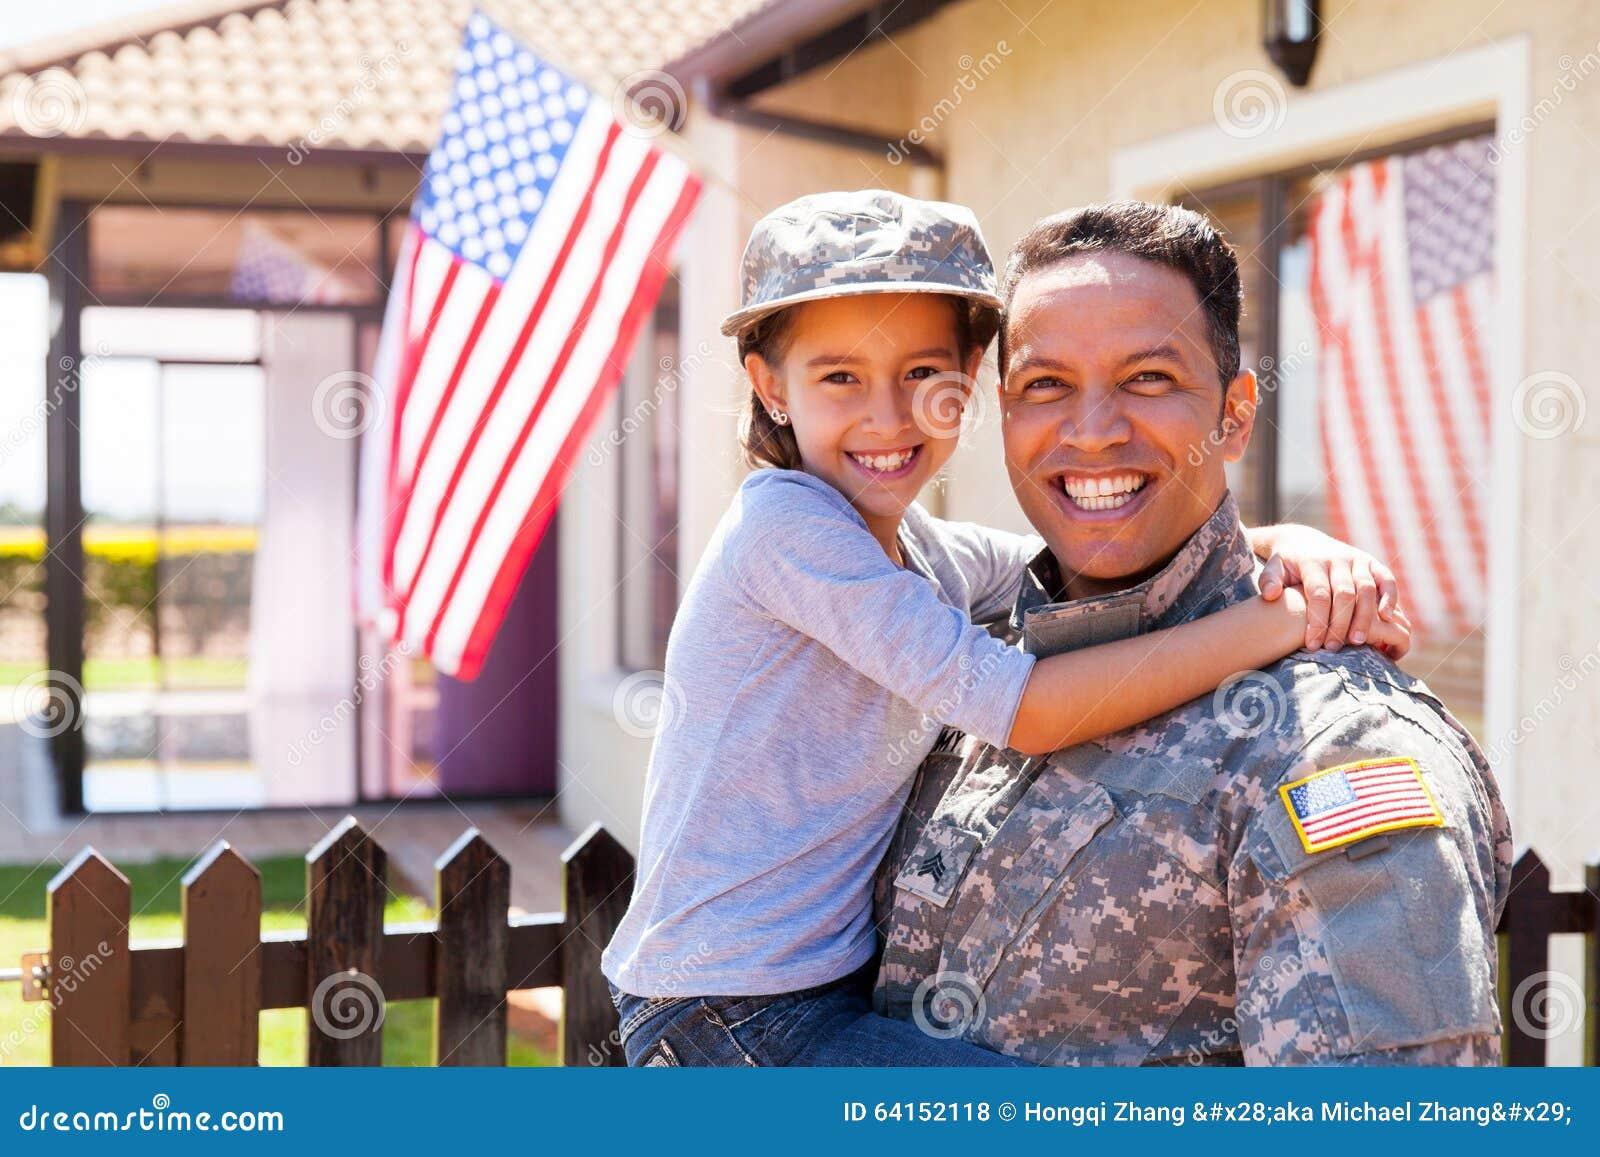 Дочь солдата армии США